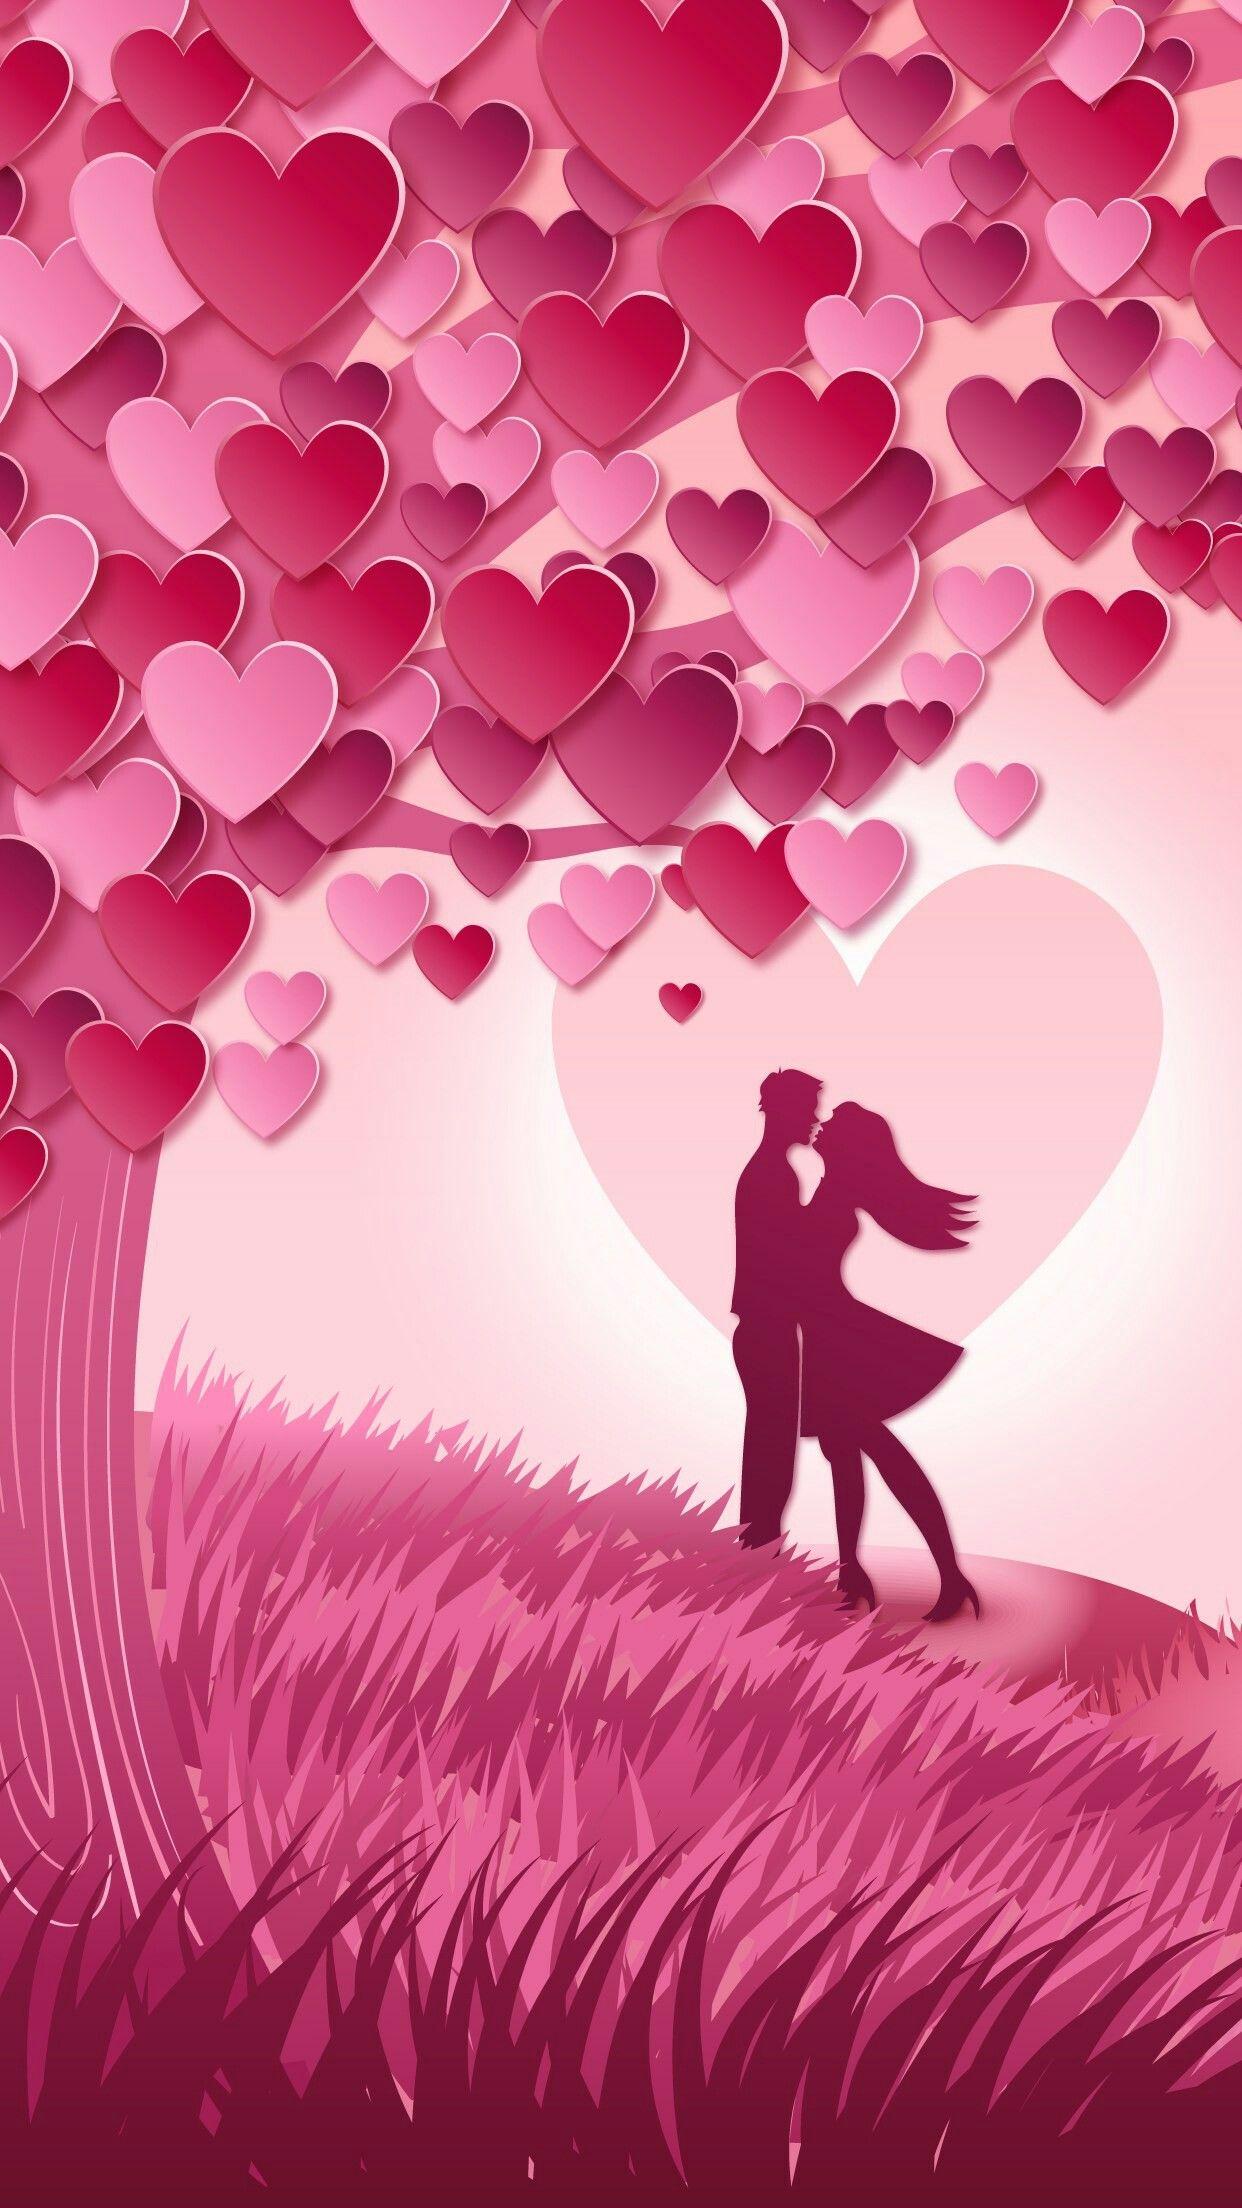 Wallpaper   heart wallpaper em 2019   Wallpaper iphone love, Love wallpaper e Heart wallpaper